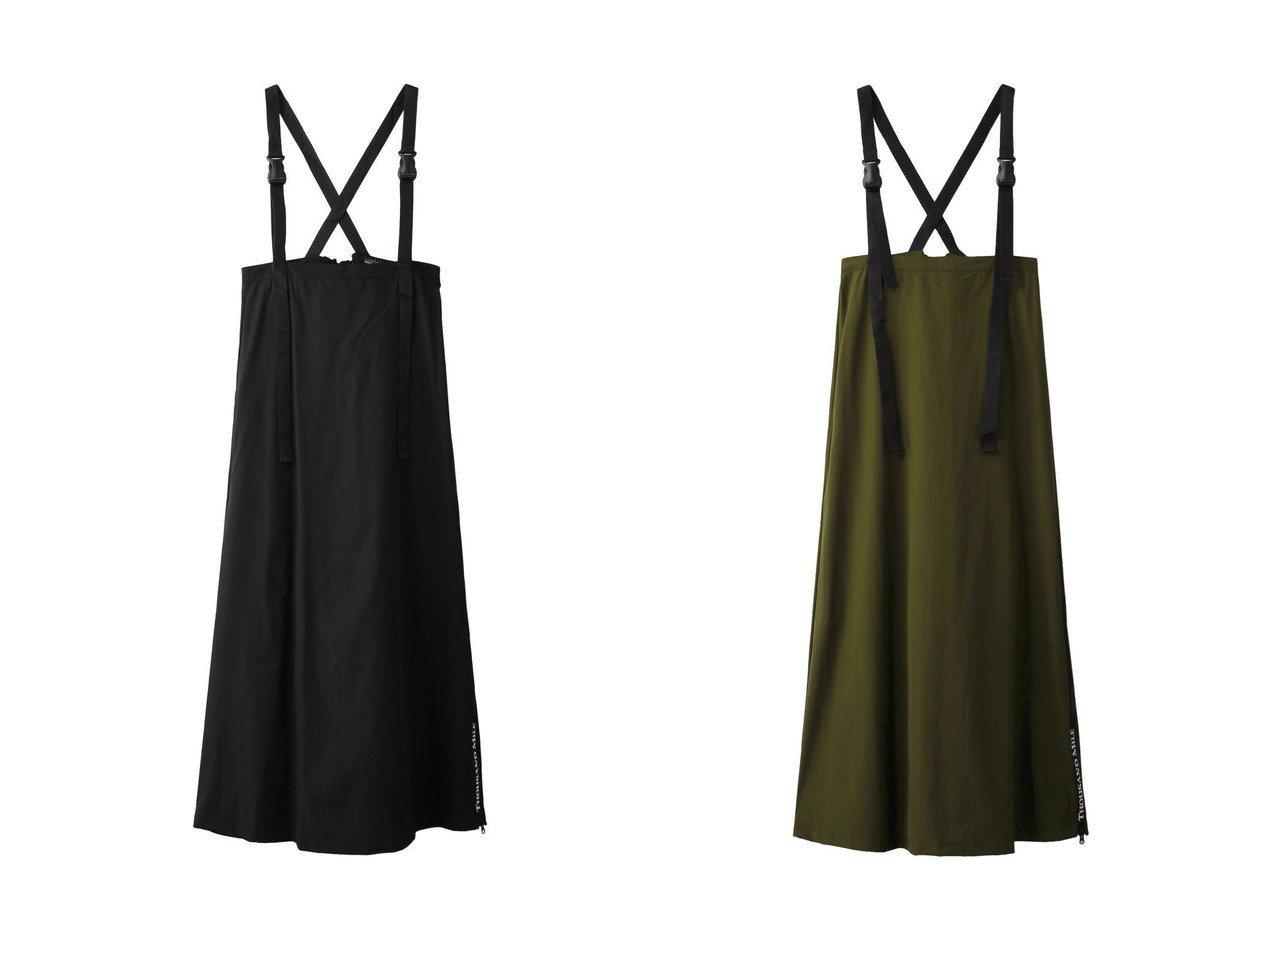 【ROSE BUD/ローズバッド】の【THOUSAND MILE×GENE HEAVENS】クロスストラップロングジャンパースカート 【スカート】おすすめ!人気、トレンド・レディースファッションの通販 おすすめで人気の流行・トレンド、ファッションの通販商品 インテリア・家具・メンズファッション・キッズファッション・レディースファッション・服の通販 founy(ファニー) https://founy.com/ ファッション Fashion レディースファッション WOMEN スカート Skirt シンプル ドレープ ラップ ロング  ID:crp329100000048110